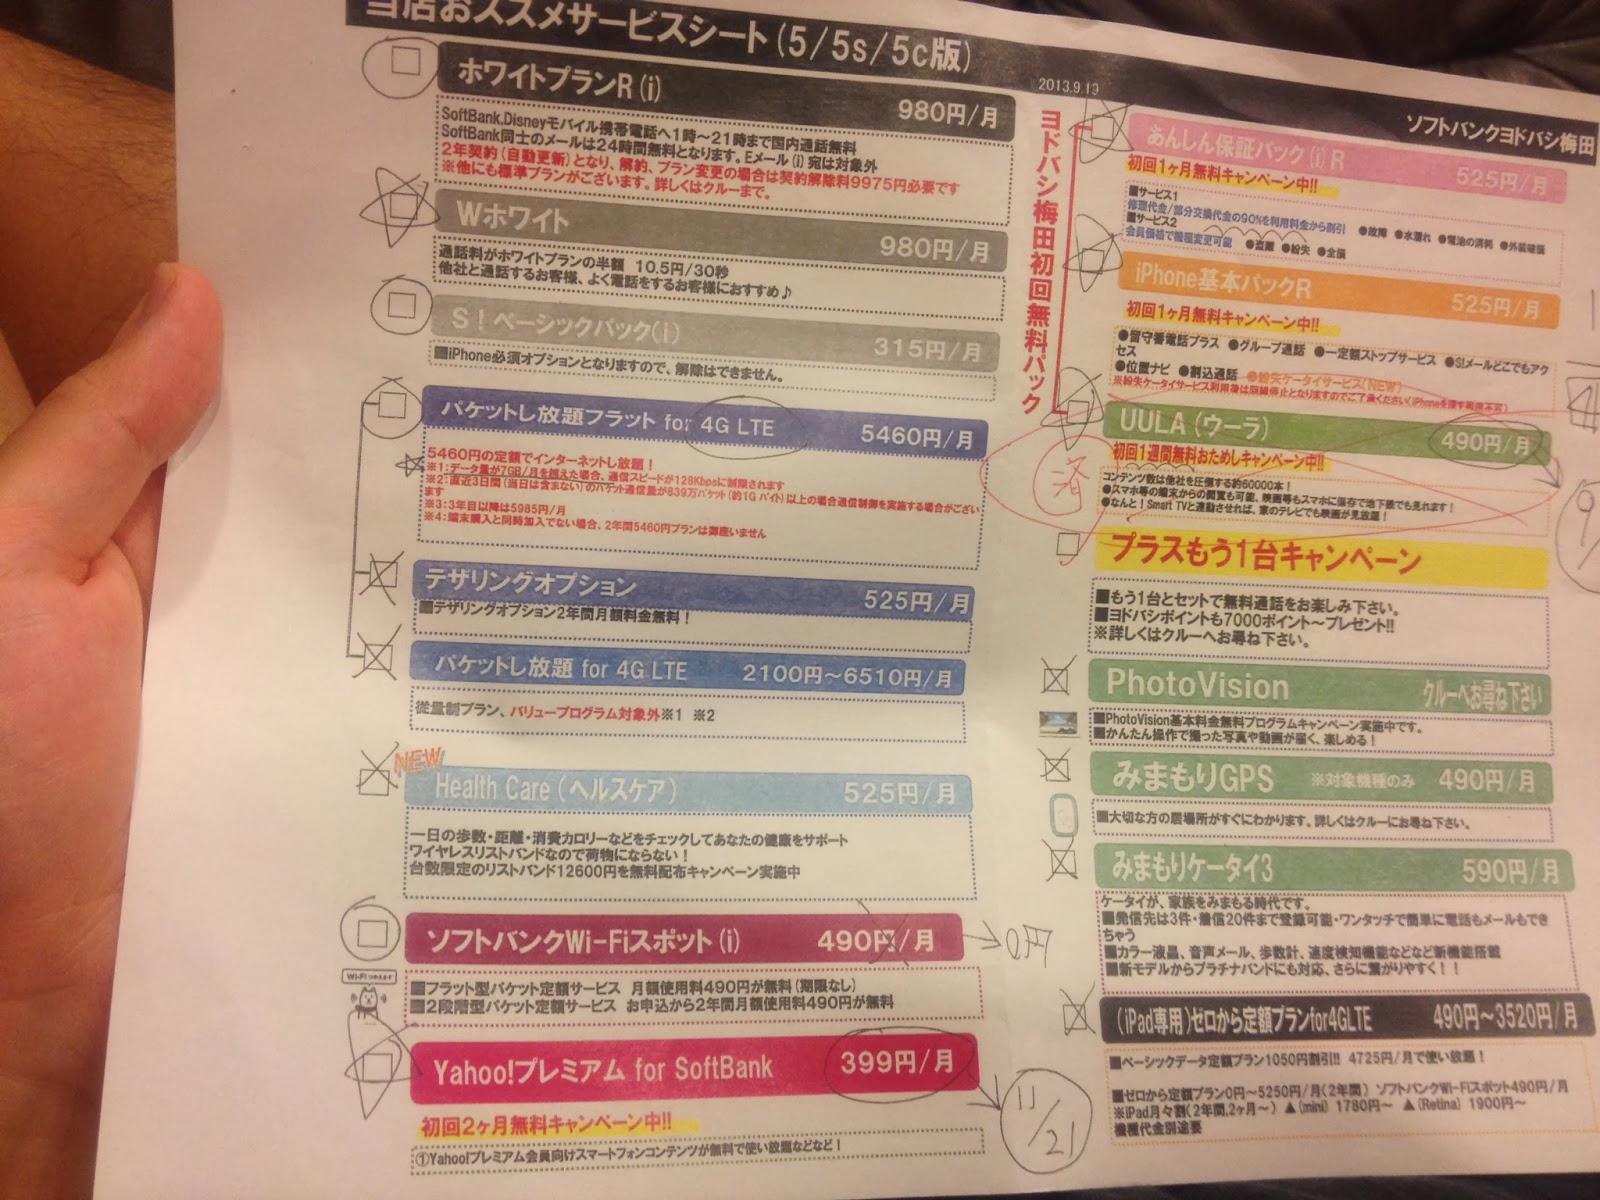 ソフトバンクのあんしん保証パックは強制加入オプション?!